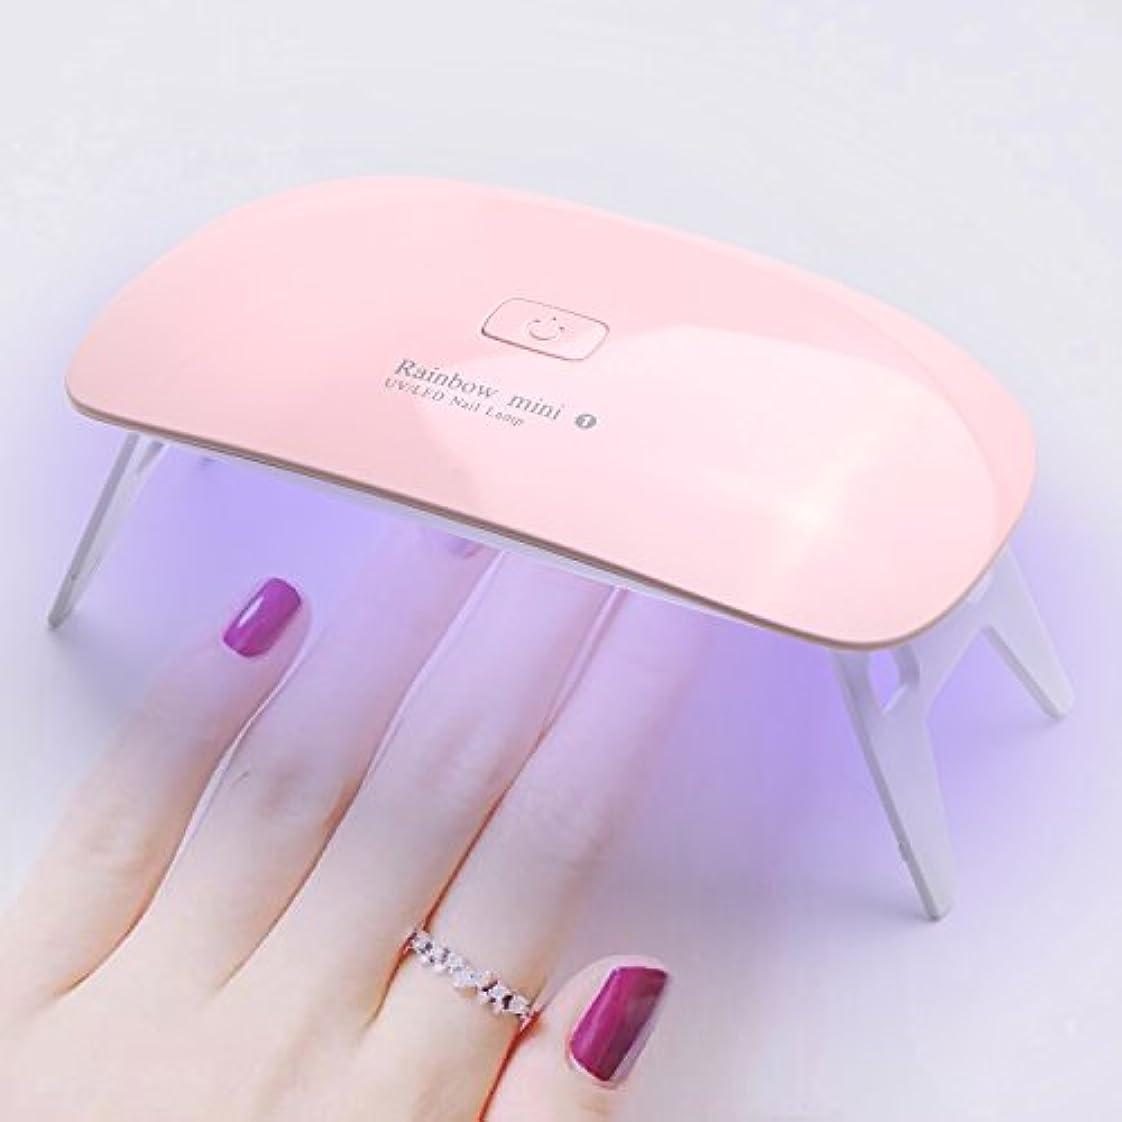 ハンドブックシリング安心LEDネイルドライヤー AmoVee UVライト タイマー設定可能 折りたたみ式 ジェルネイル用 (pink)